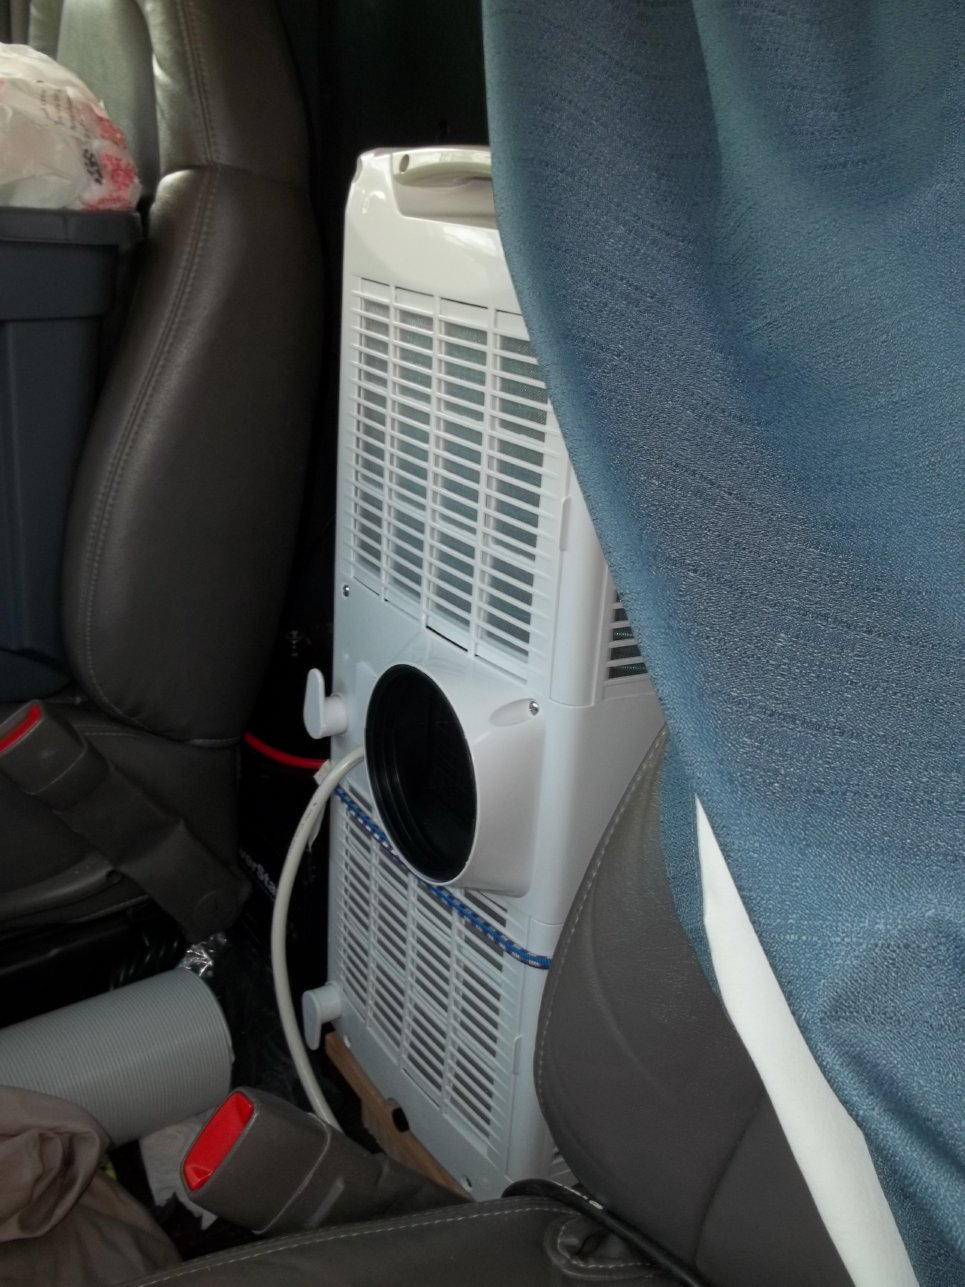 A Stealthy Onboard Air Conditioner Van Trekker